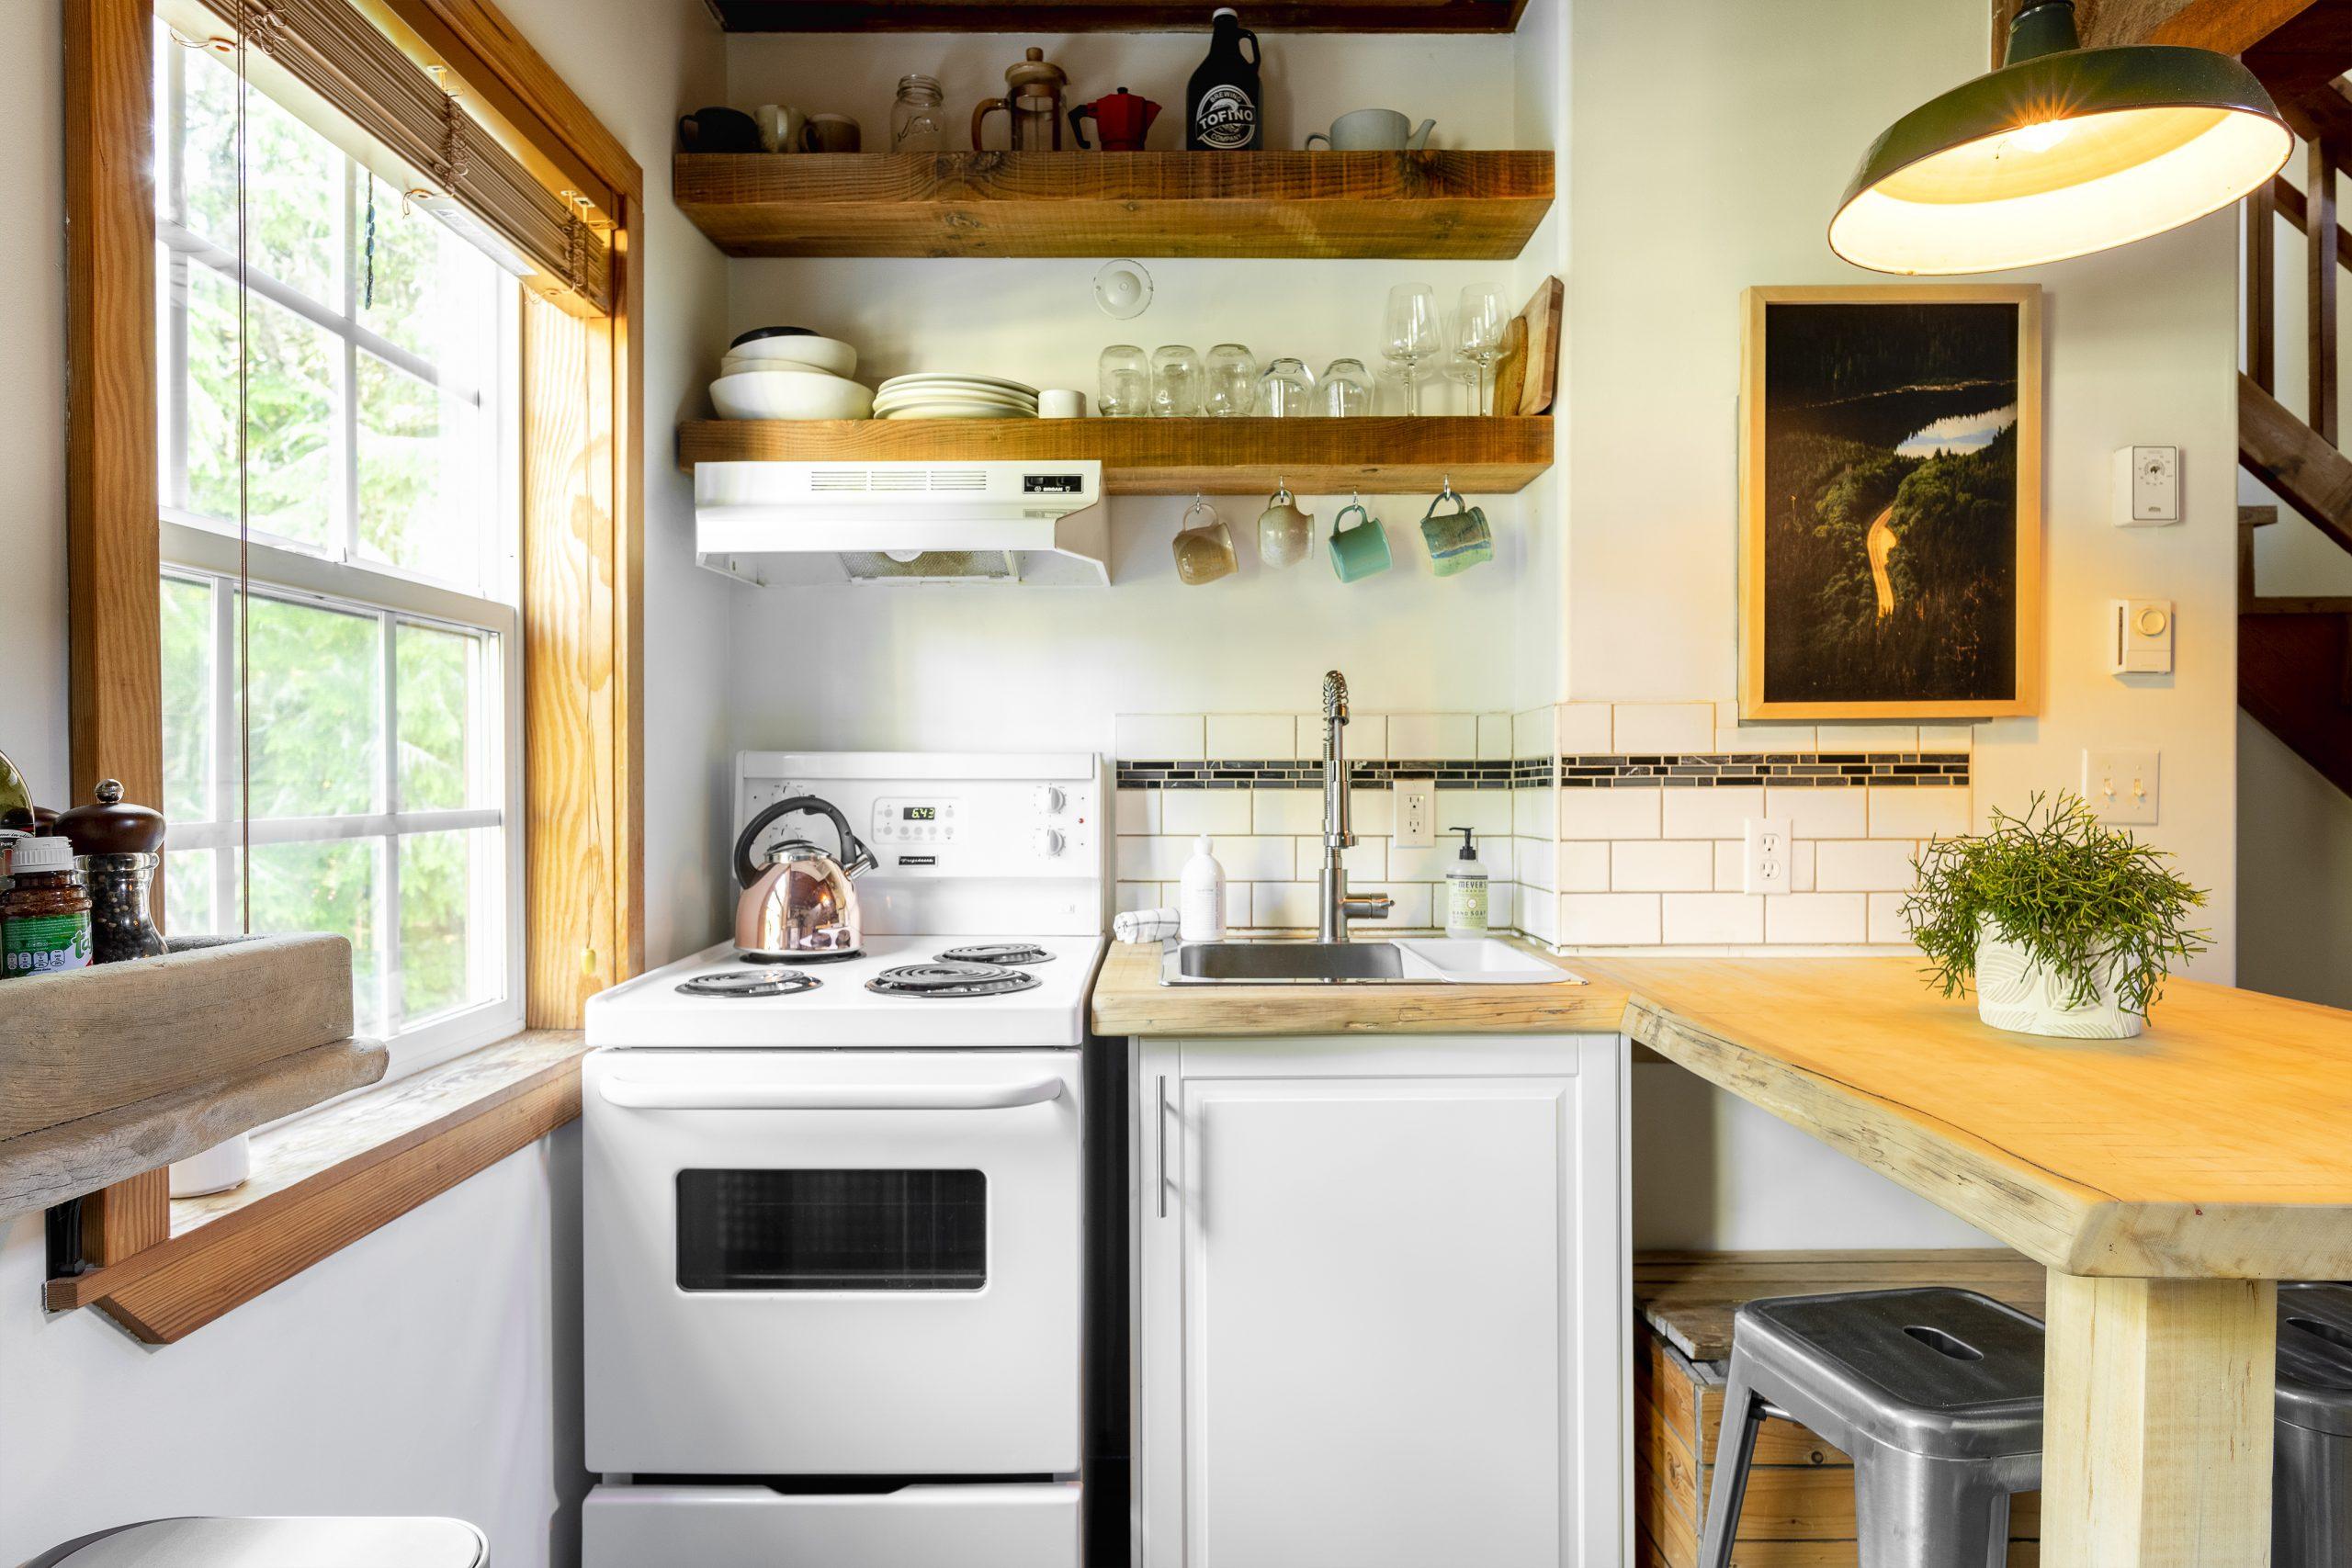 fern gully kitchen